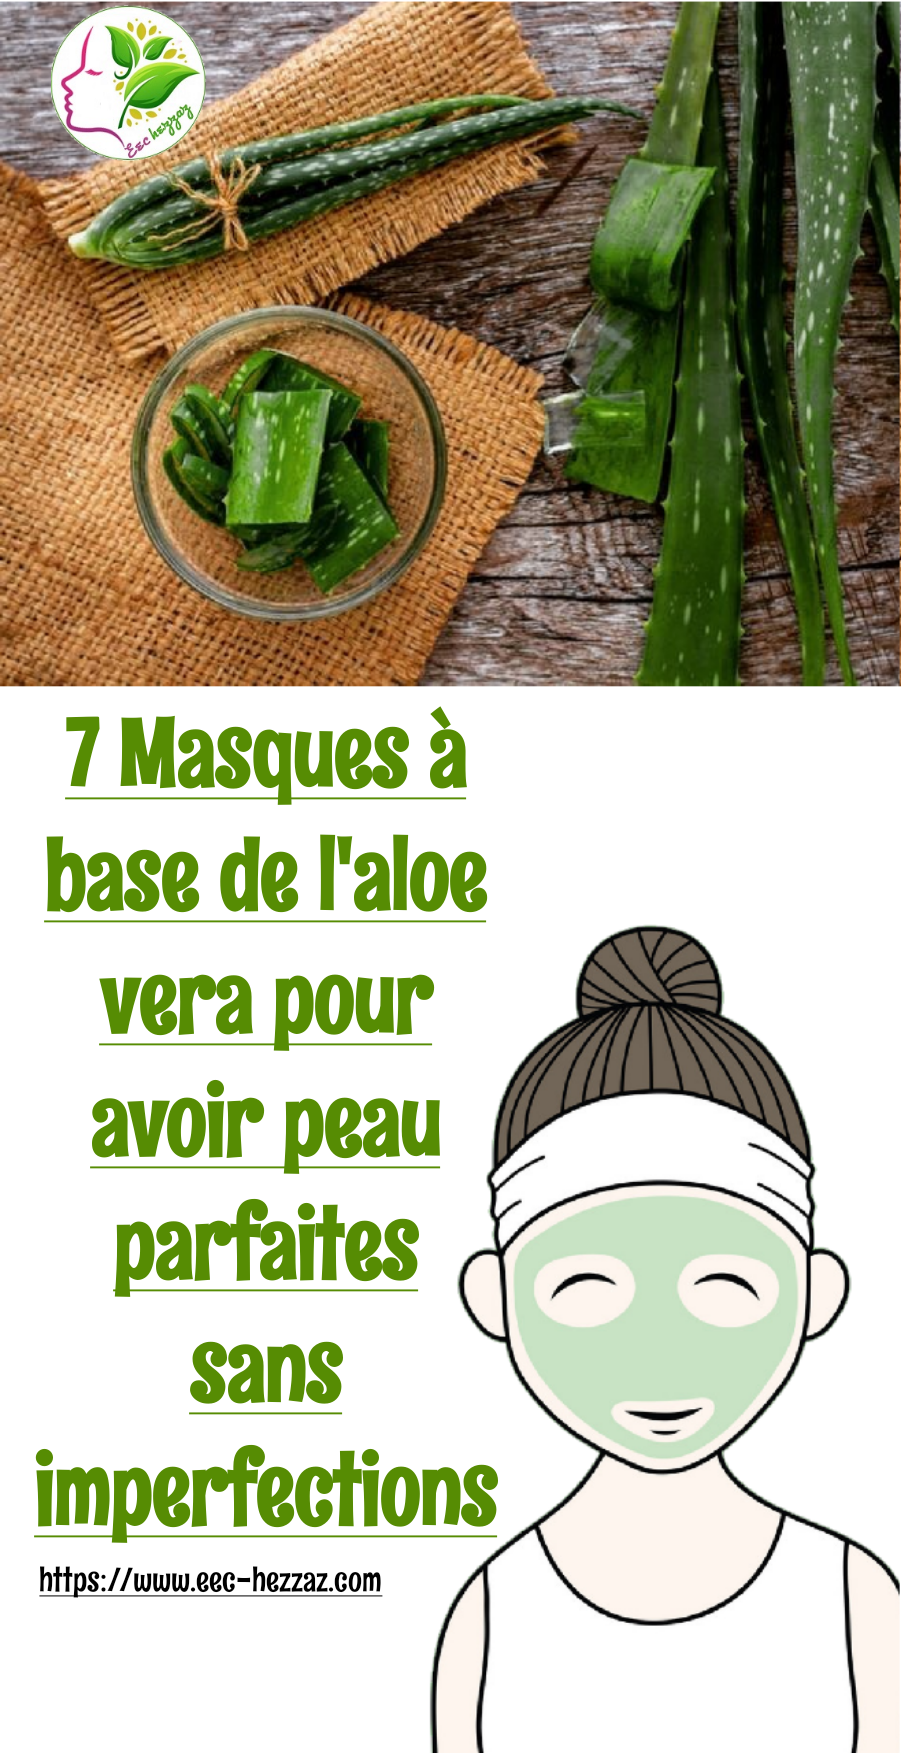 7 Masques à base de l'aloe vera pour avoir peau parfaites sans imperfections